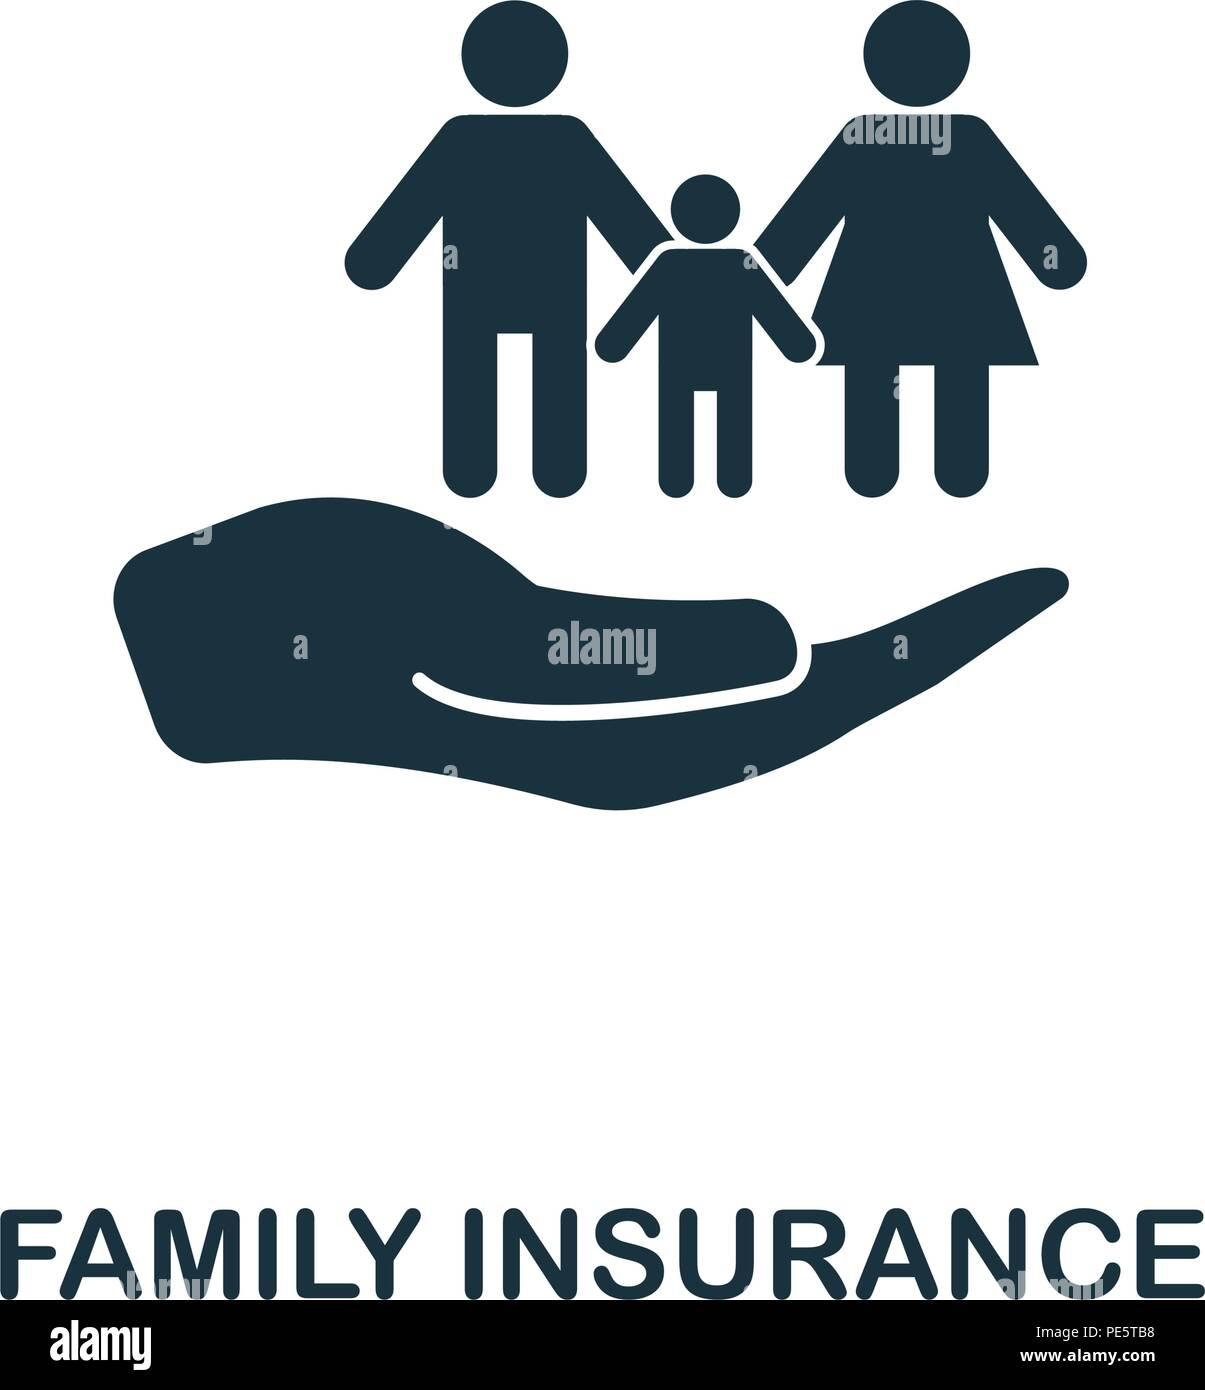 Famiglia Di Assicurazione Icona Creativi Elemento Di Semplice Illustrazione Famiglia Di Assicurazione Concept Design Simbolo Dalla Collezione Di Assicurazione Possono Essere Utilizzati Per La Telefonia Mobile Immagine E Vettoriale Alamy